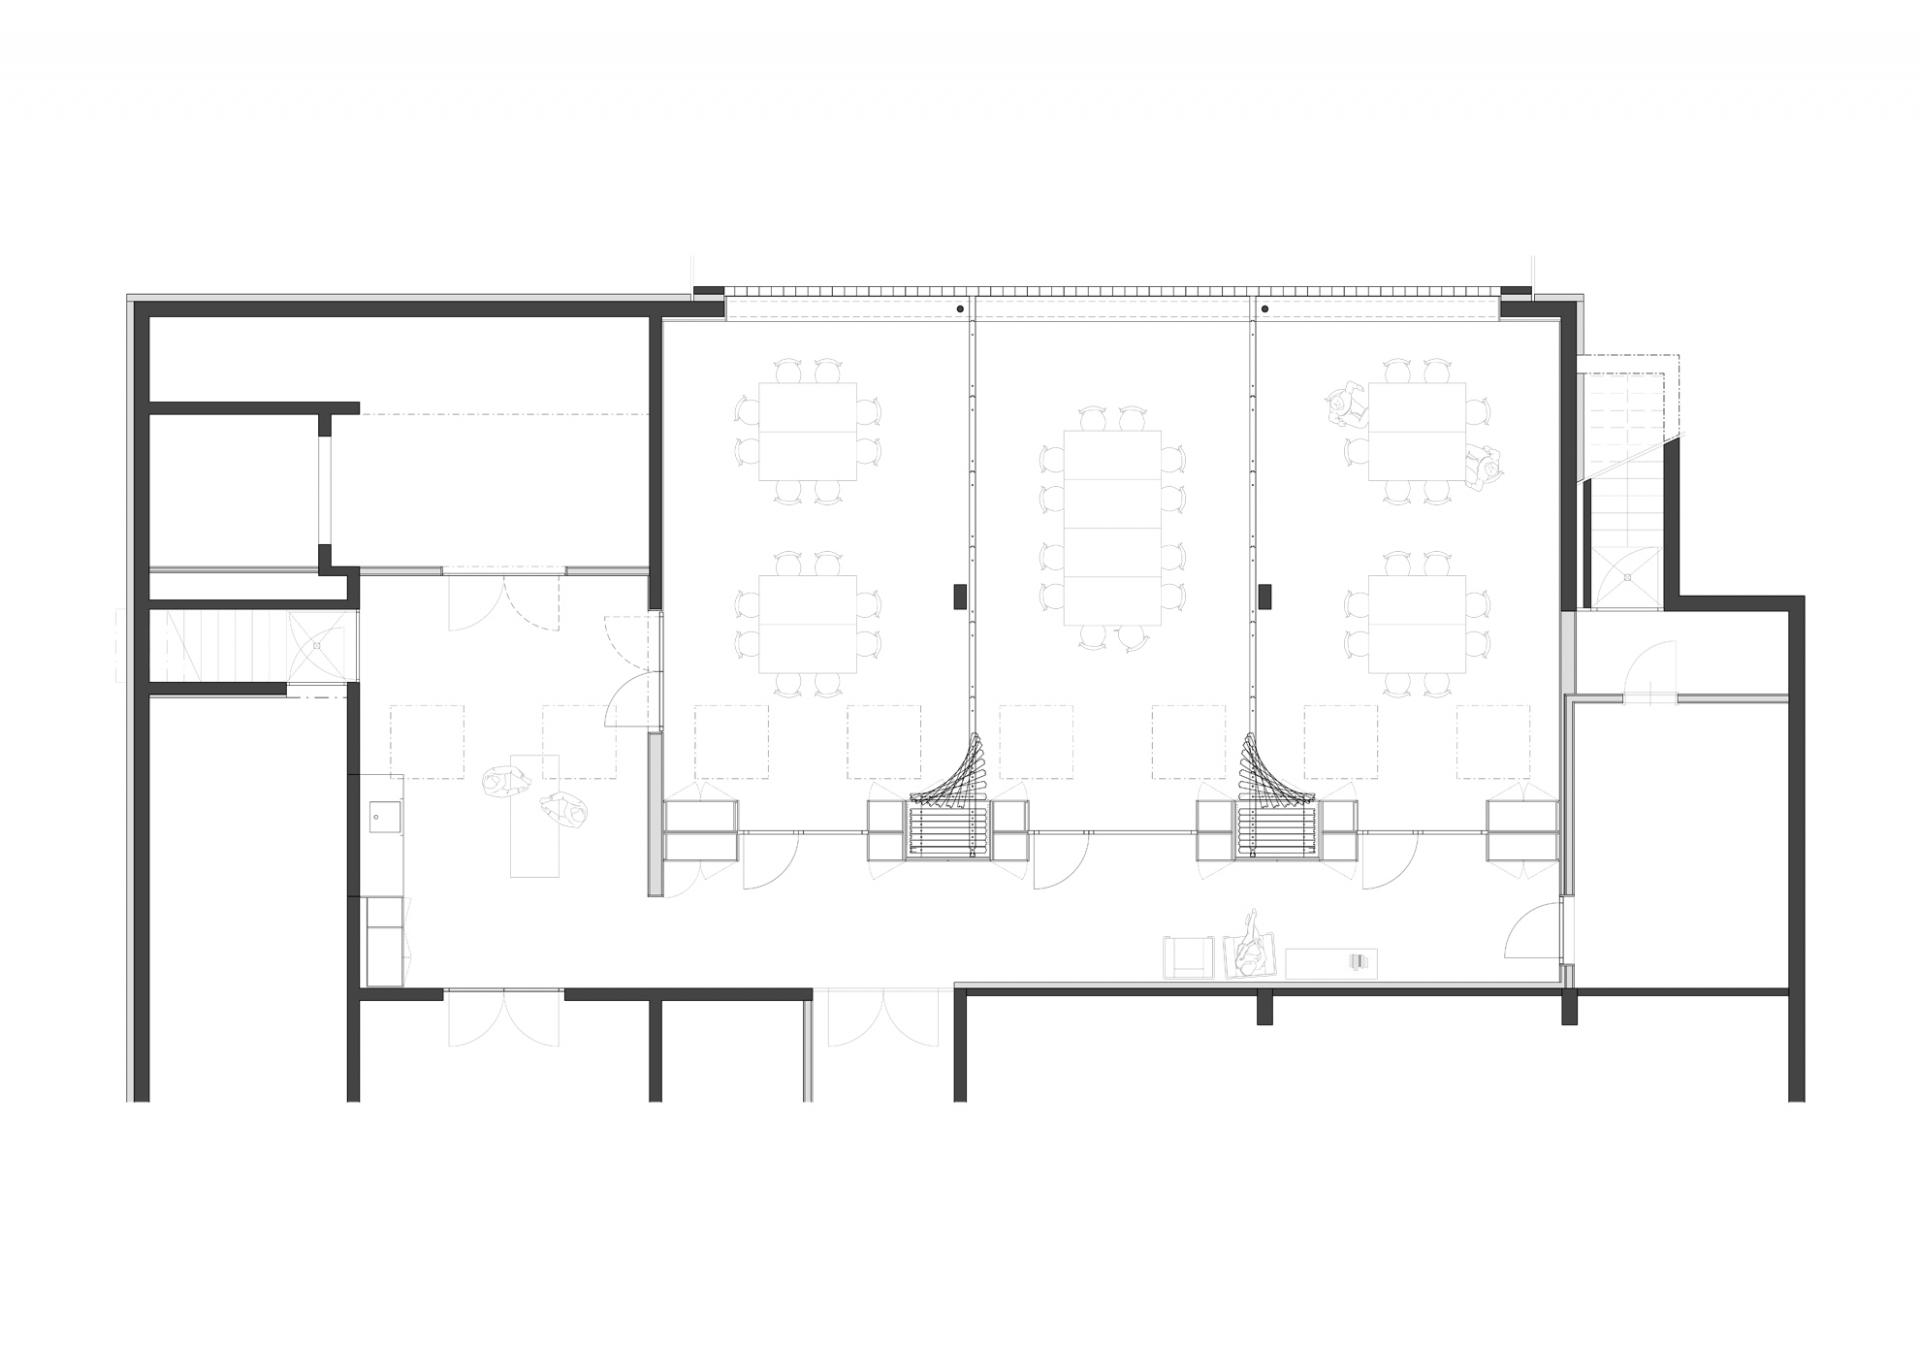 buan-architekten-umbau bueroraeume unterlachenstrasse-grundriss